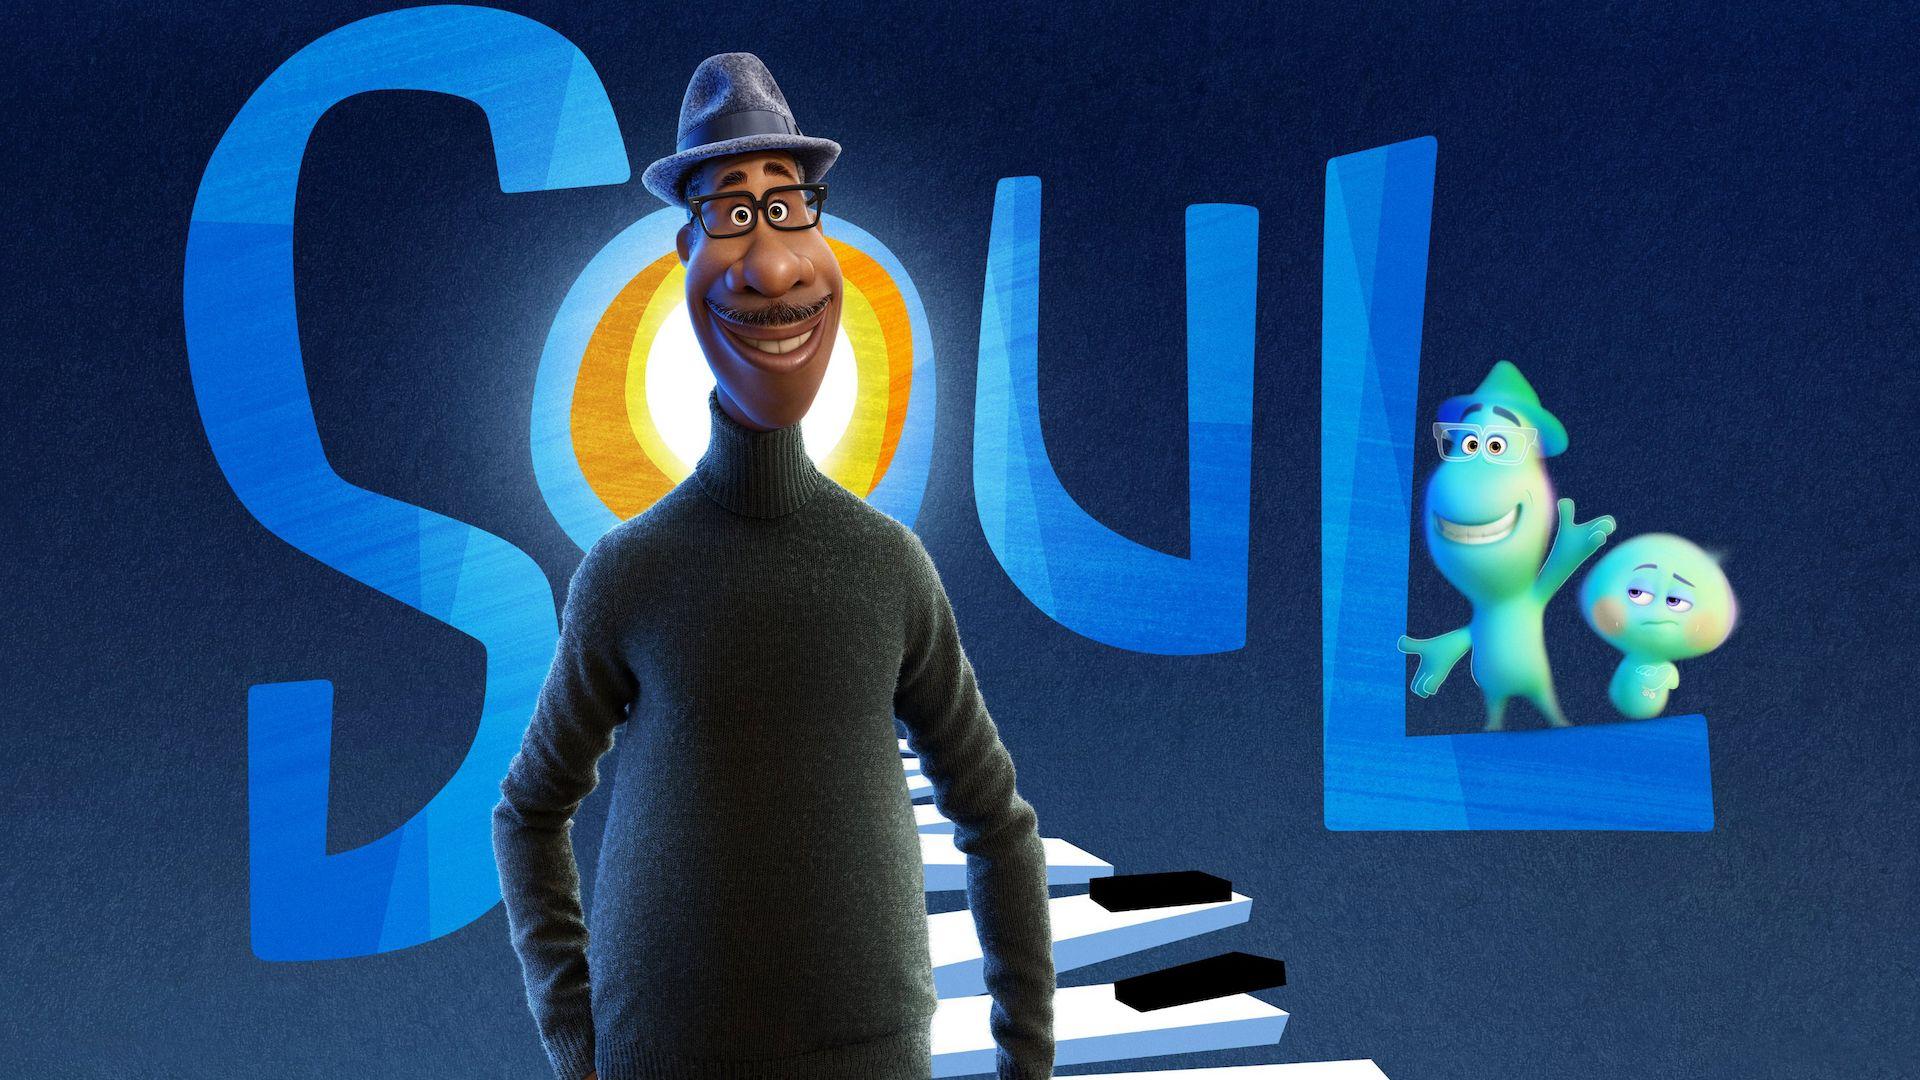 """Em primeiro plano está o protagonista, Joe Gardner, em sua forma humana. Ele é negro, usa óculos, um chapéu, um casaco preto e sorri olhando para frente. Ao fundo, há uma escadaria feita com teclas de piano, levando ao letreiro do filme """"Soul"""", com a representação astral de Joe acenando ao lado de 22, em cima da letra """"L"""". O fundo da imagem é azul marinho."""